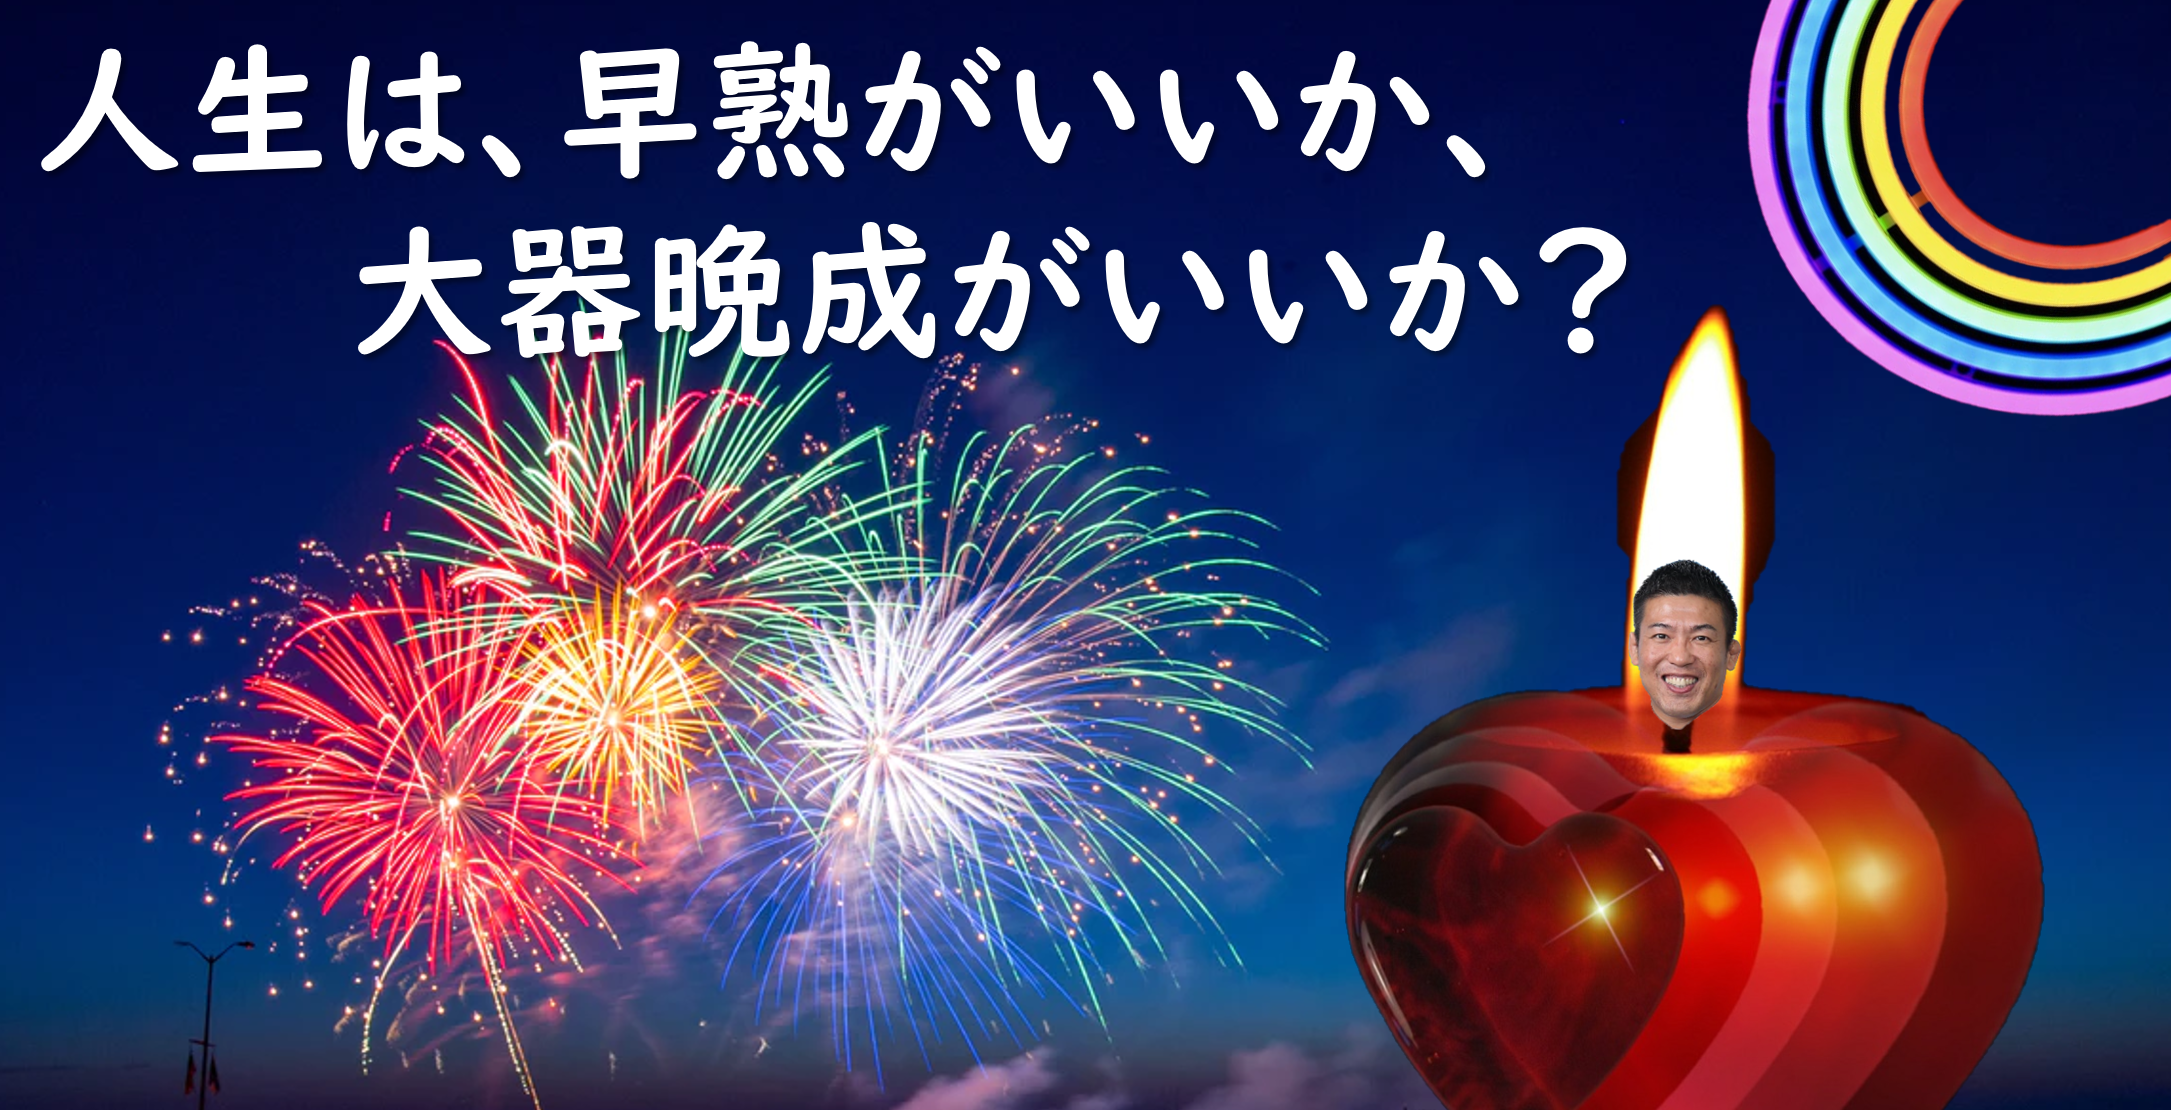 松坂大輔引退 早熟か大器晩成か